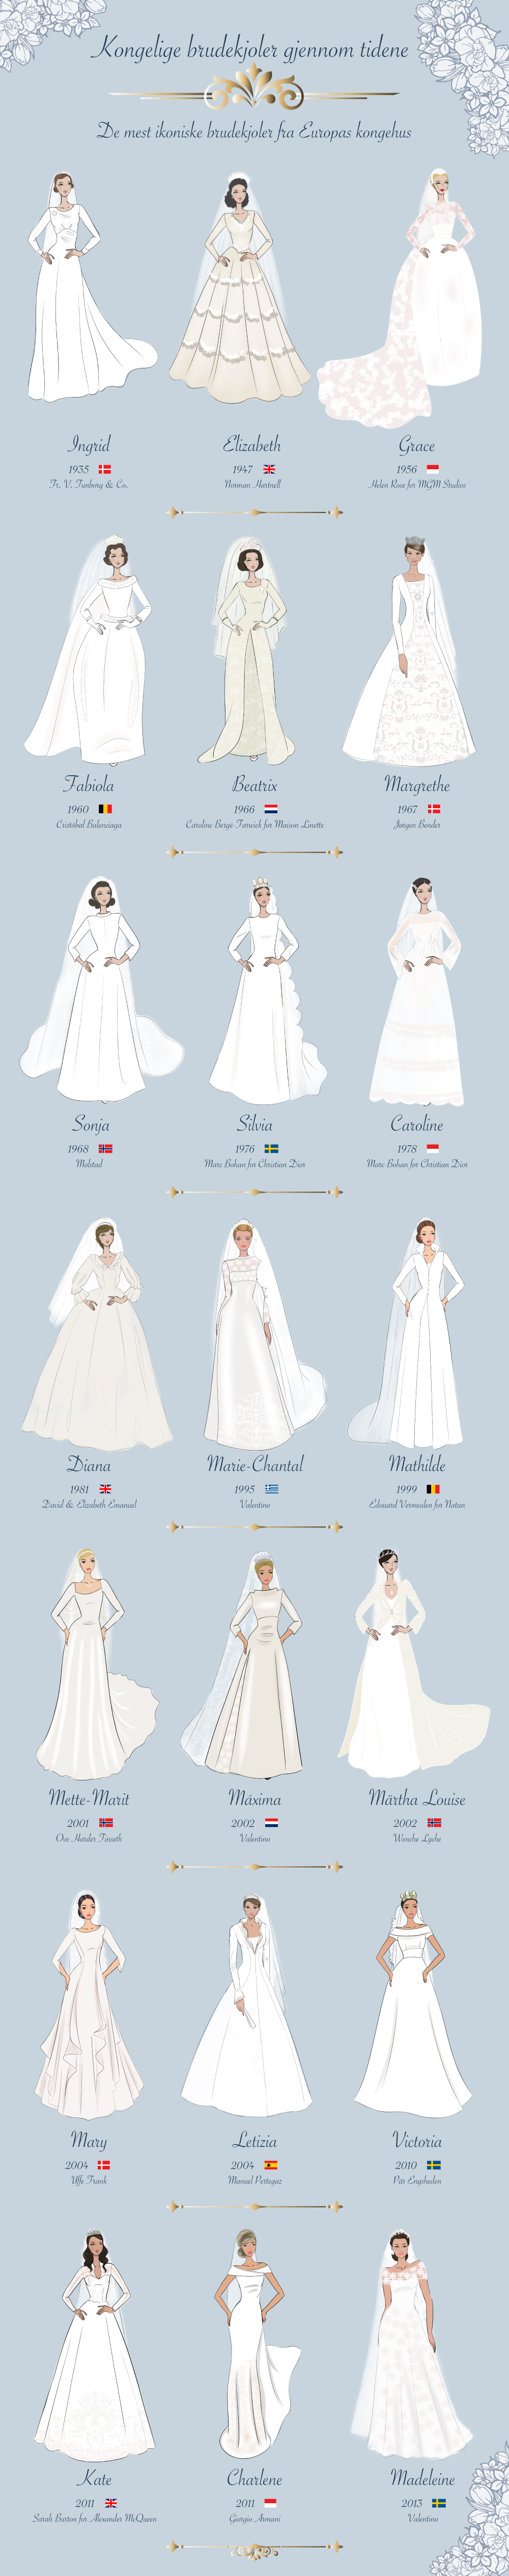 Kongelige brudekjoler